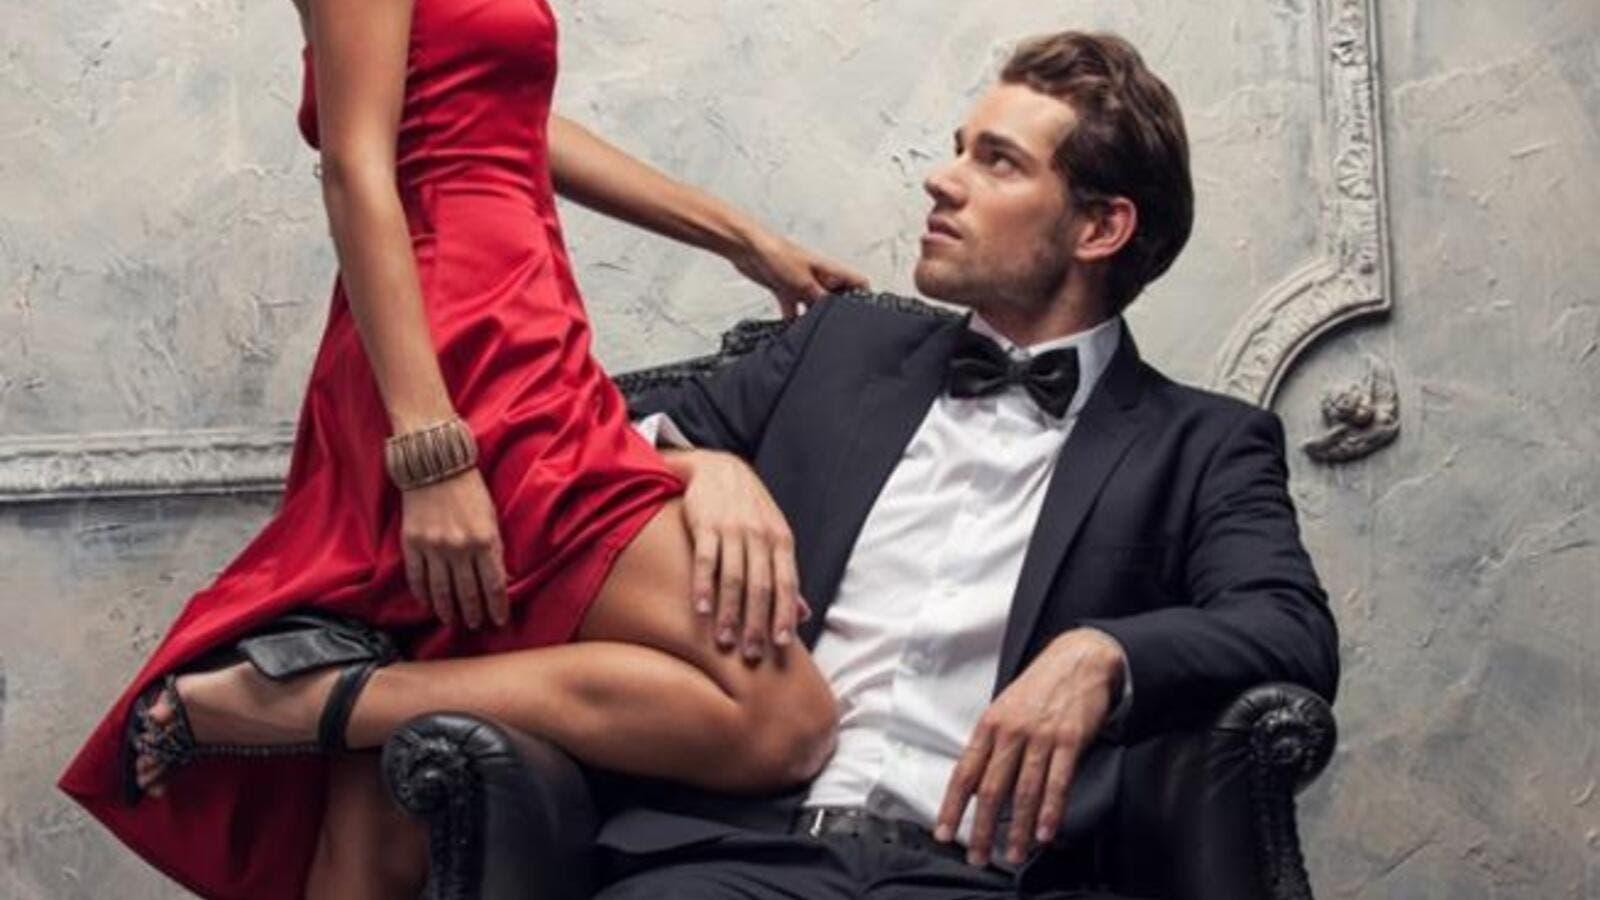 bcb110545 لماذا يفضل الرجال ممارسة الجنس في الصباح؟ | البوابة